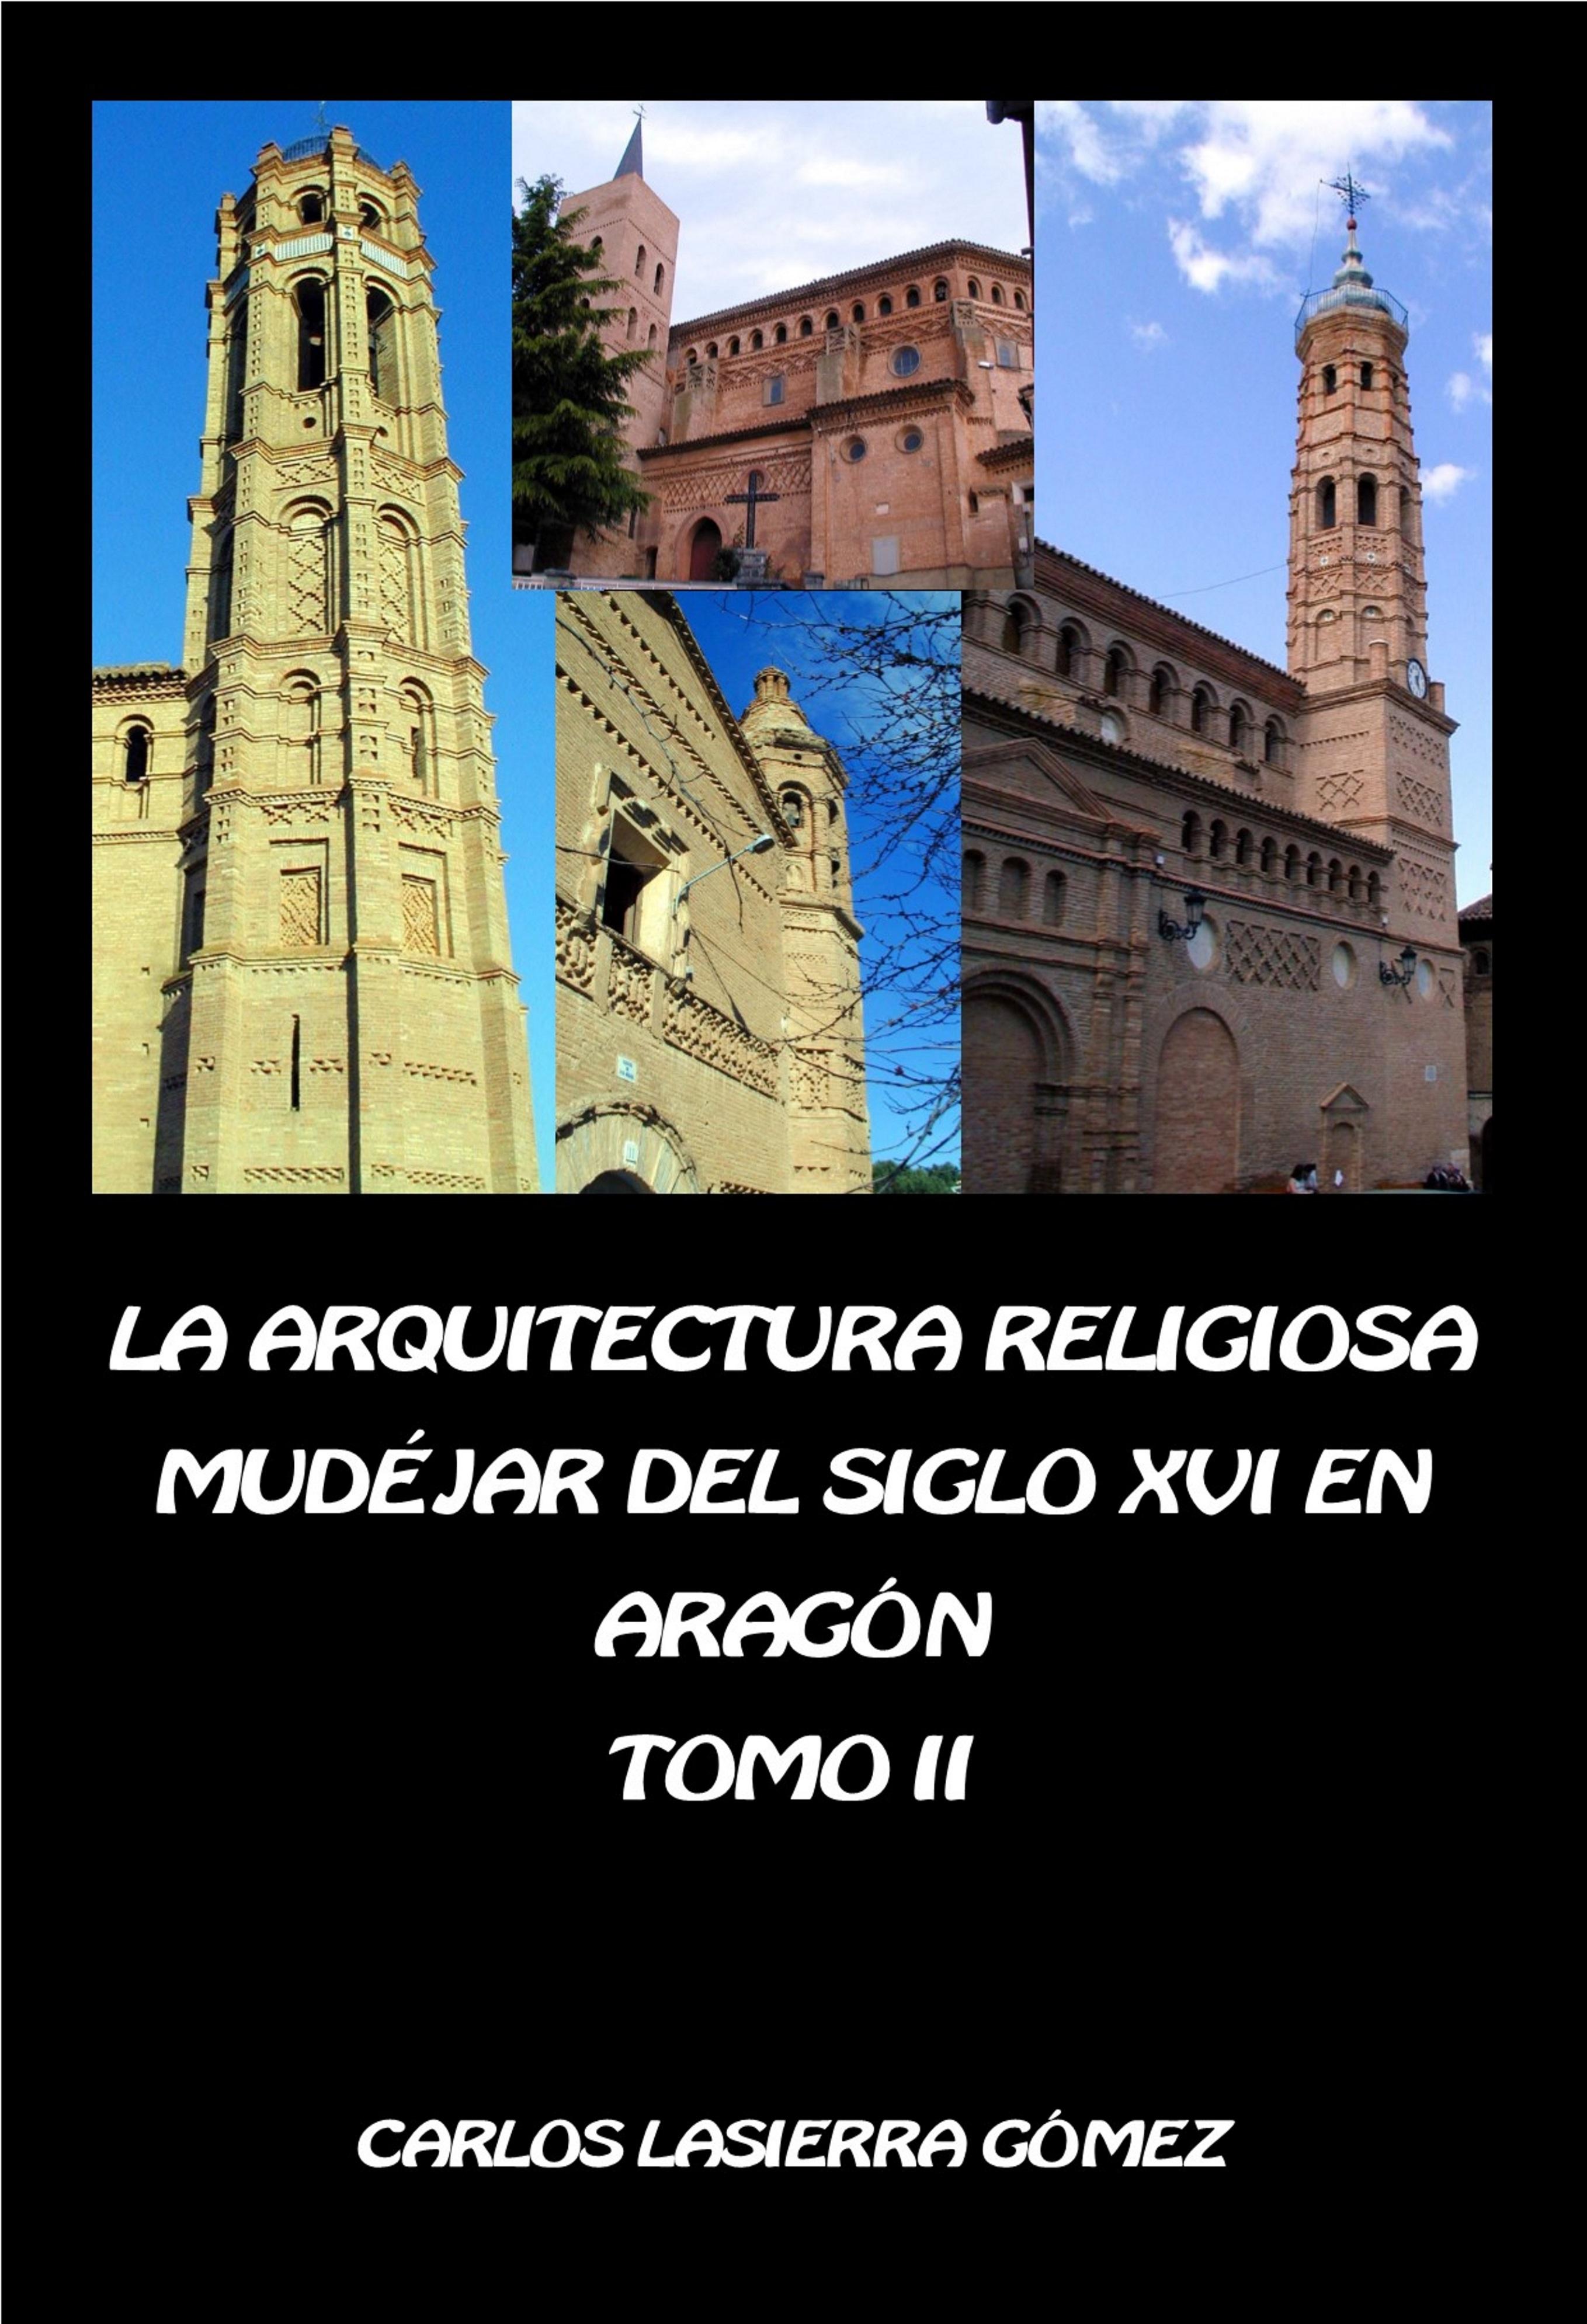 La arquitectura religiosa mudéjar de